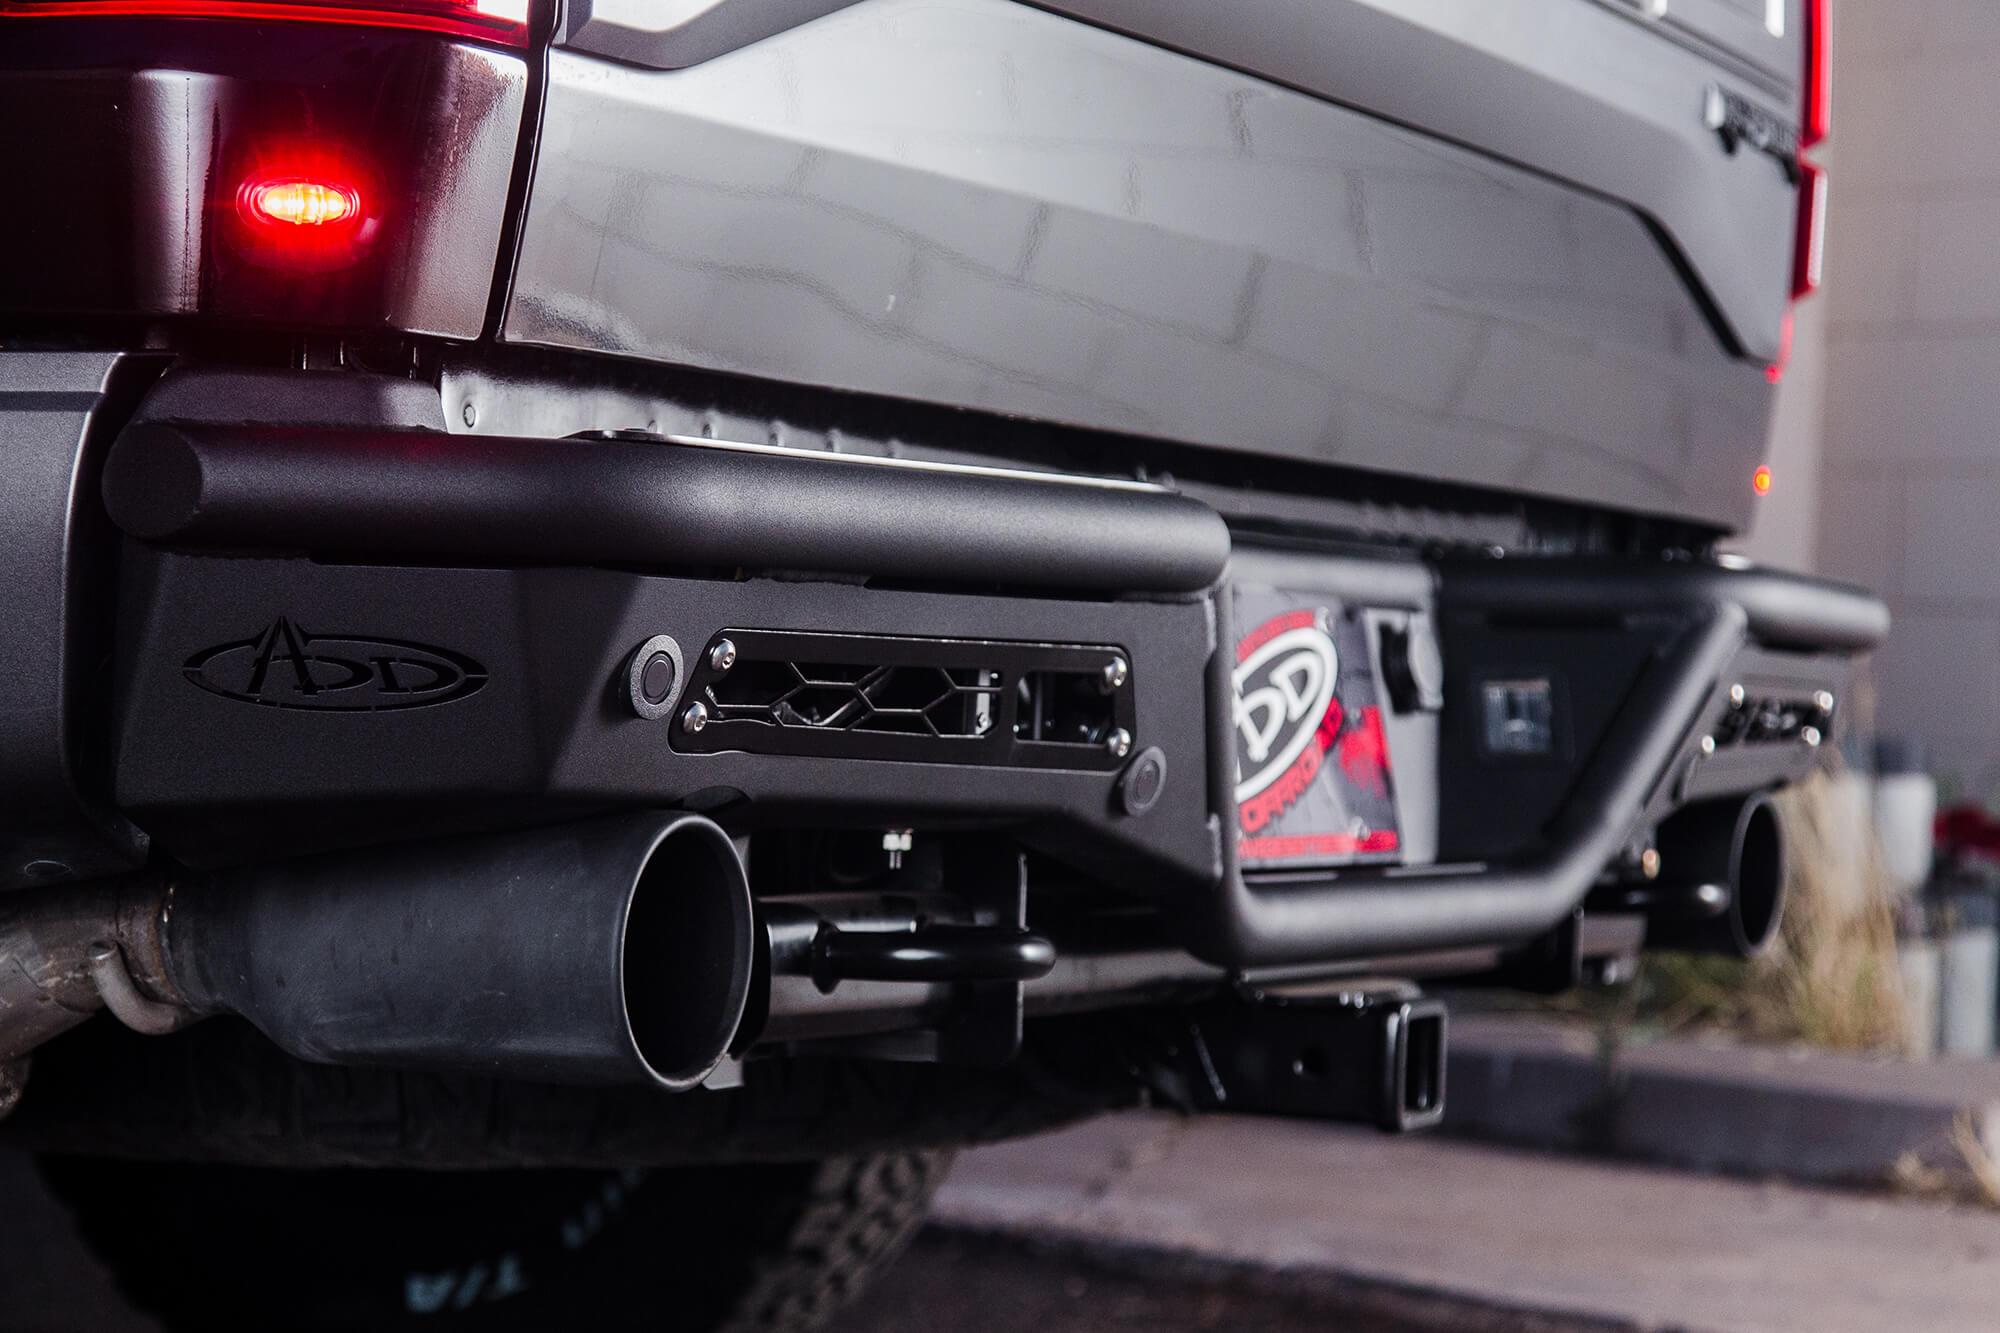 2017 2019 Raptor Add Stealth R Rear Off Road Bumper R113401280103